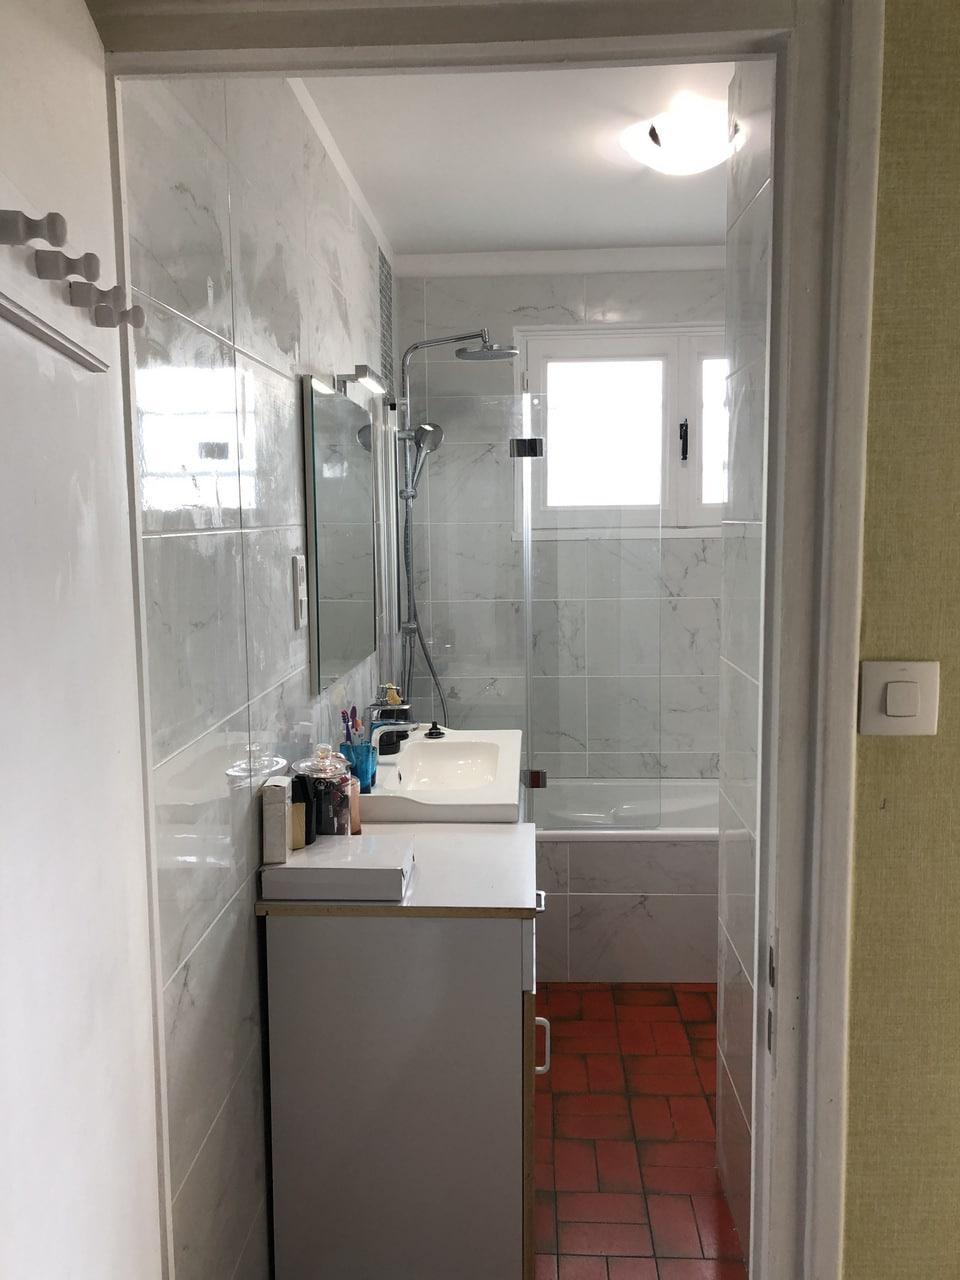 Maison de retraite decines ventana blog - Salle de bain maison de retraite ...